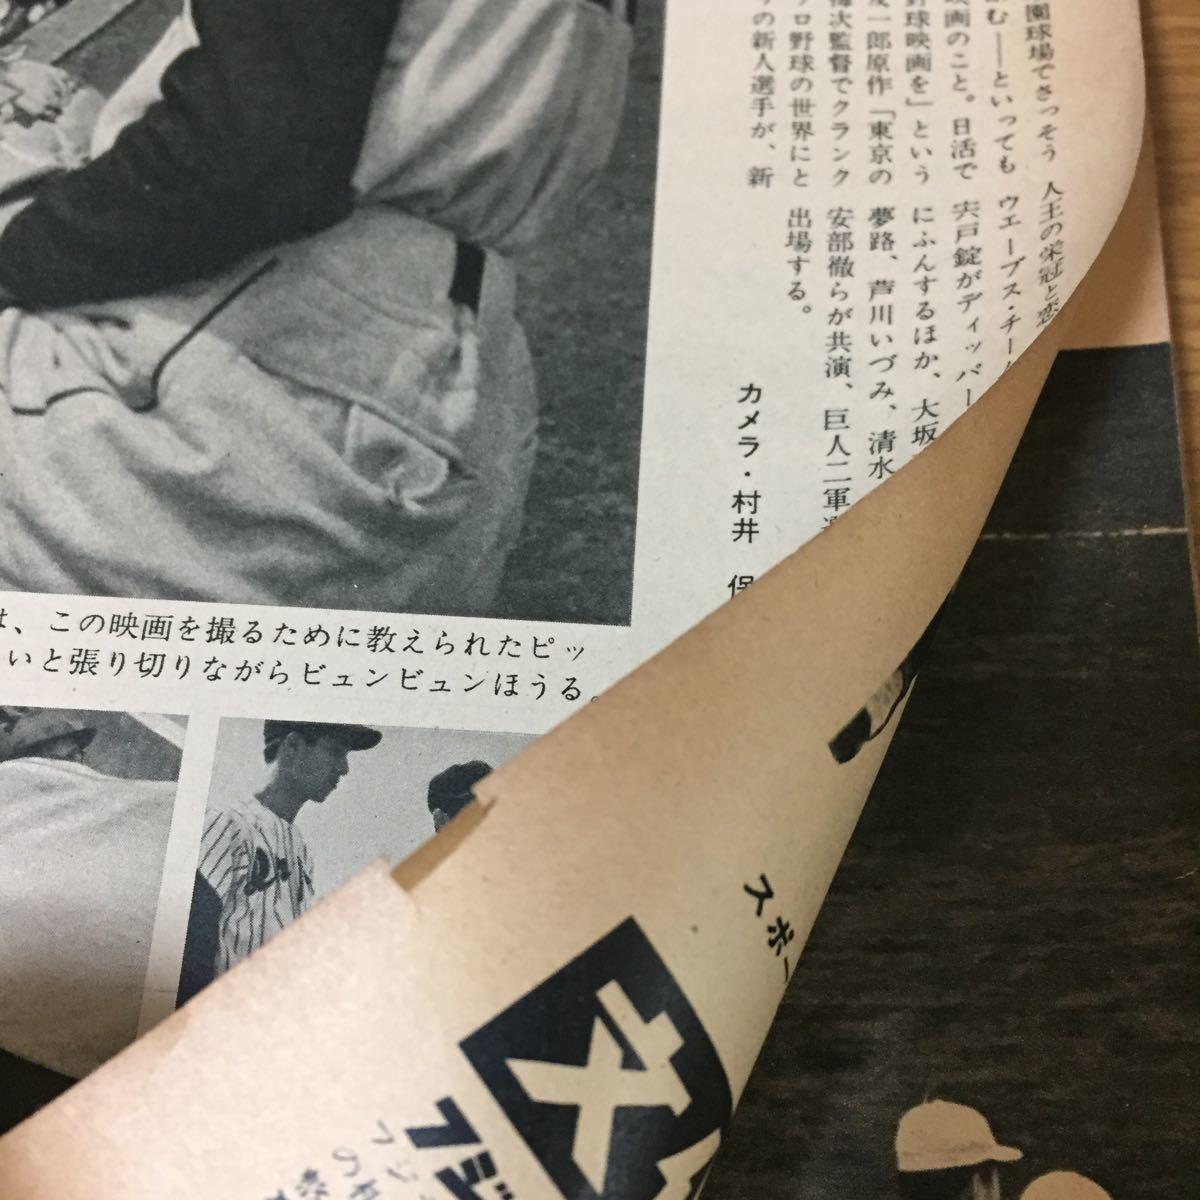 当時物 週刊読売スポーツ プロ野球誌 1959年(昭和34年)5月15日発行 野球 巨人 アンパイアの憂うつ_画像8